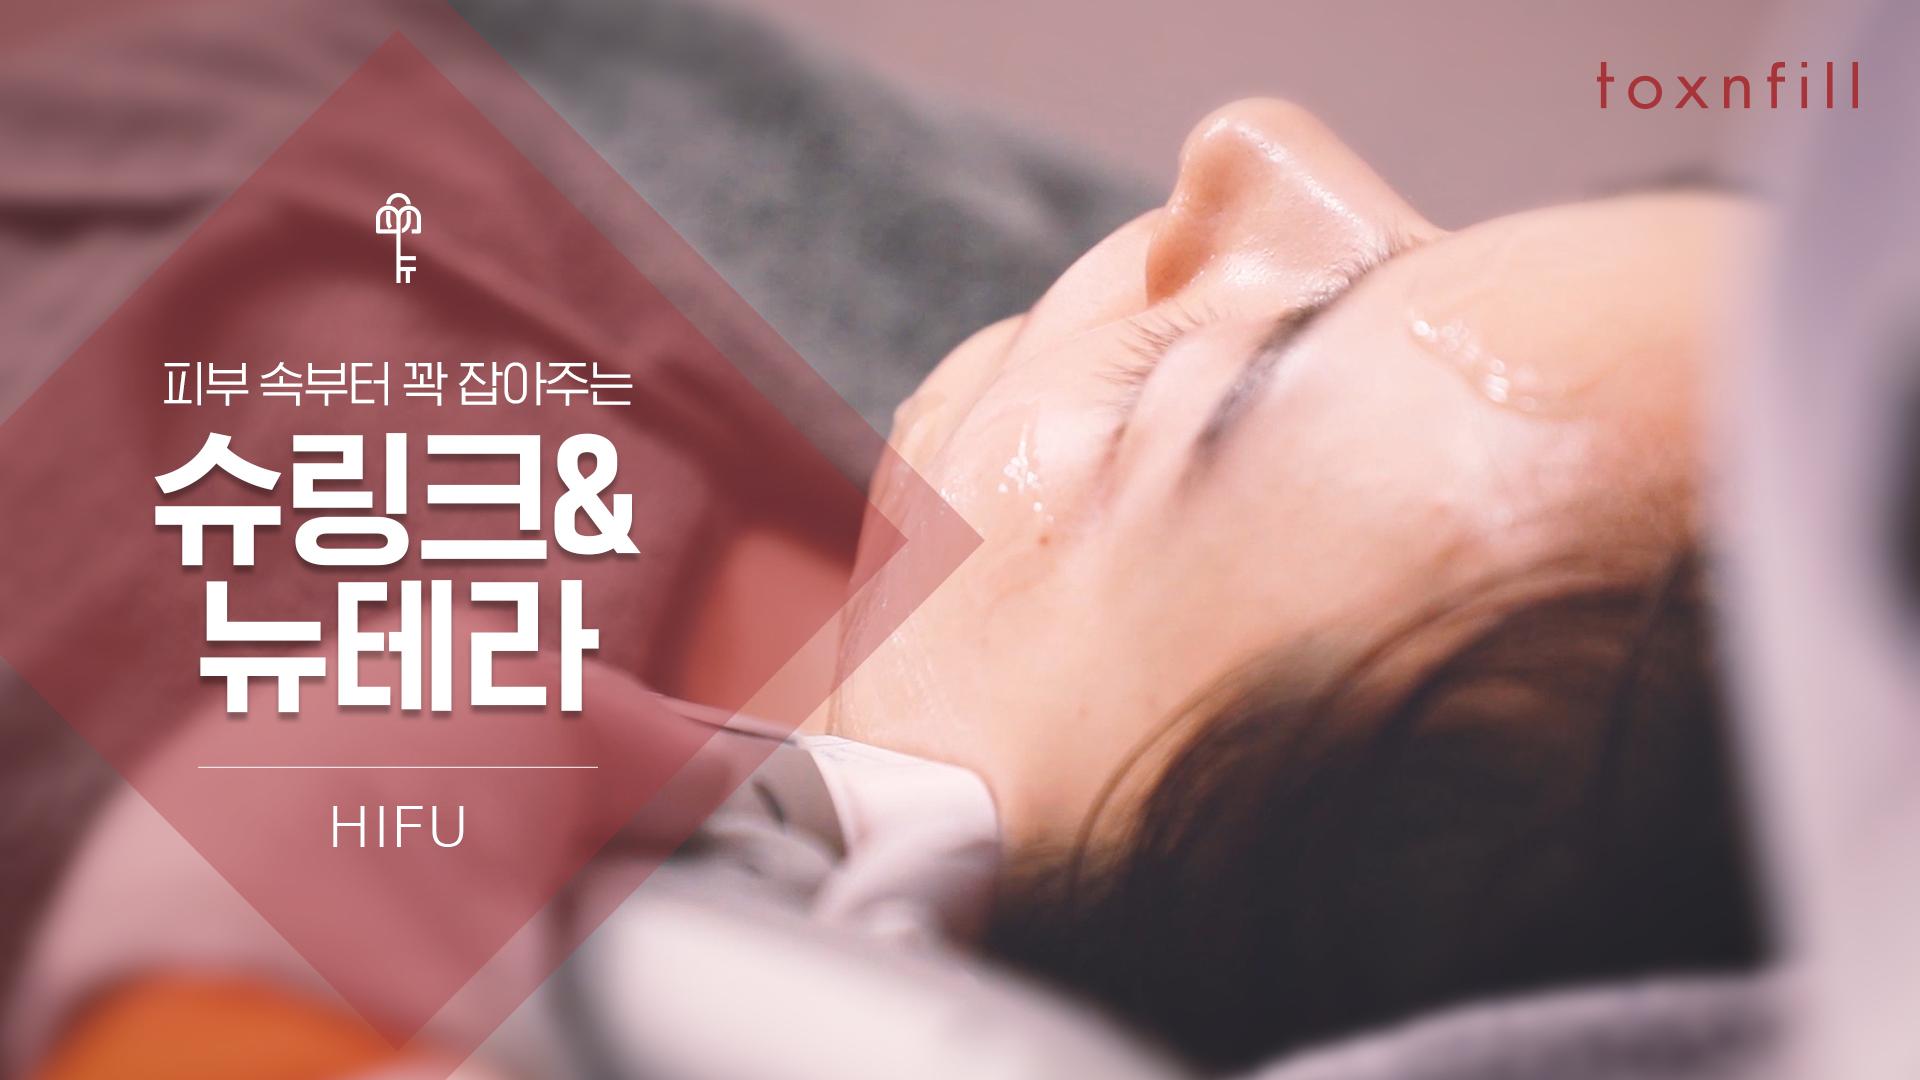 [앵콜EVENT] 슈링크/뉴테라